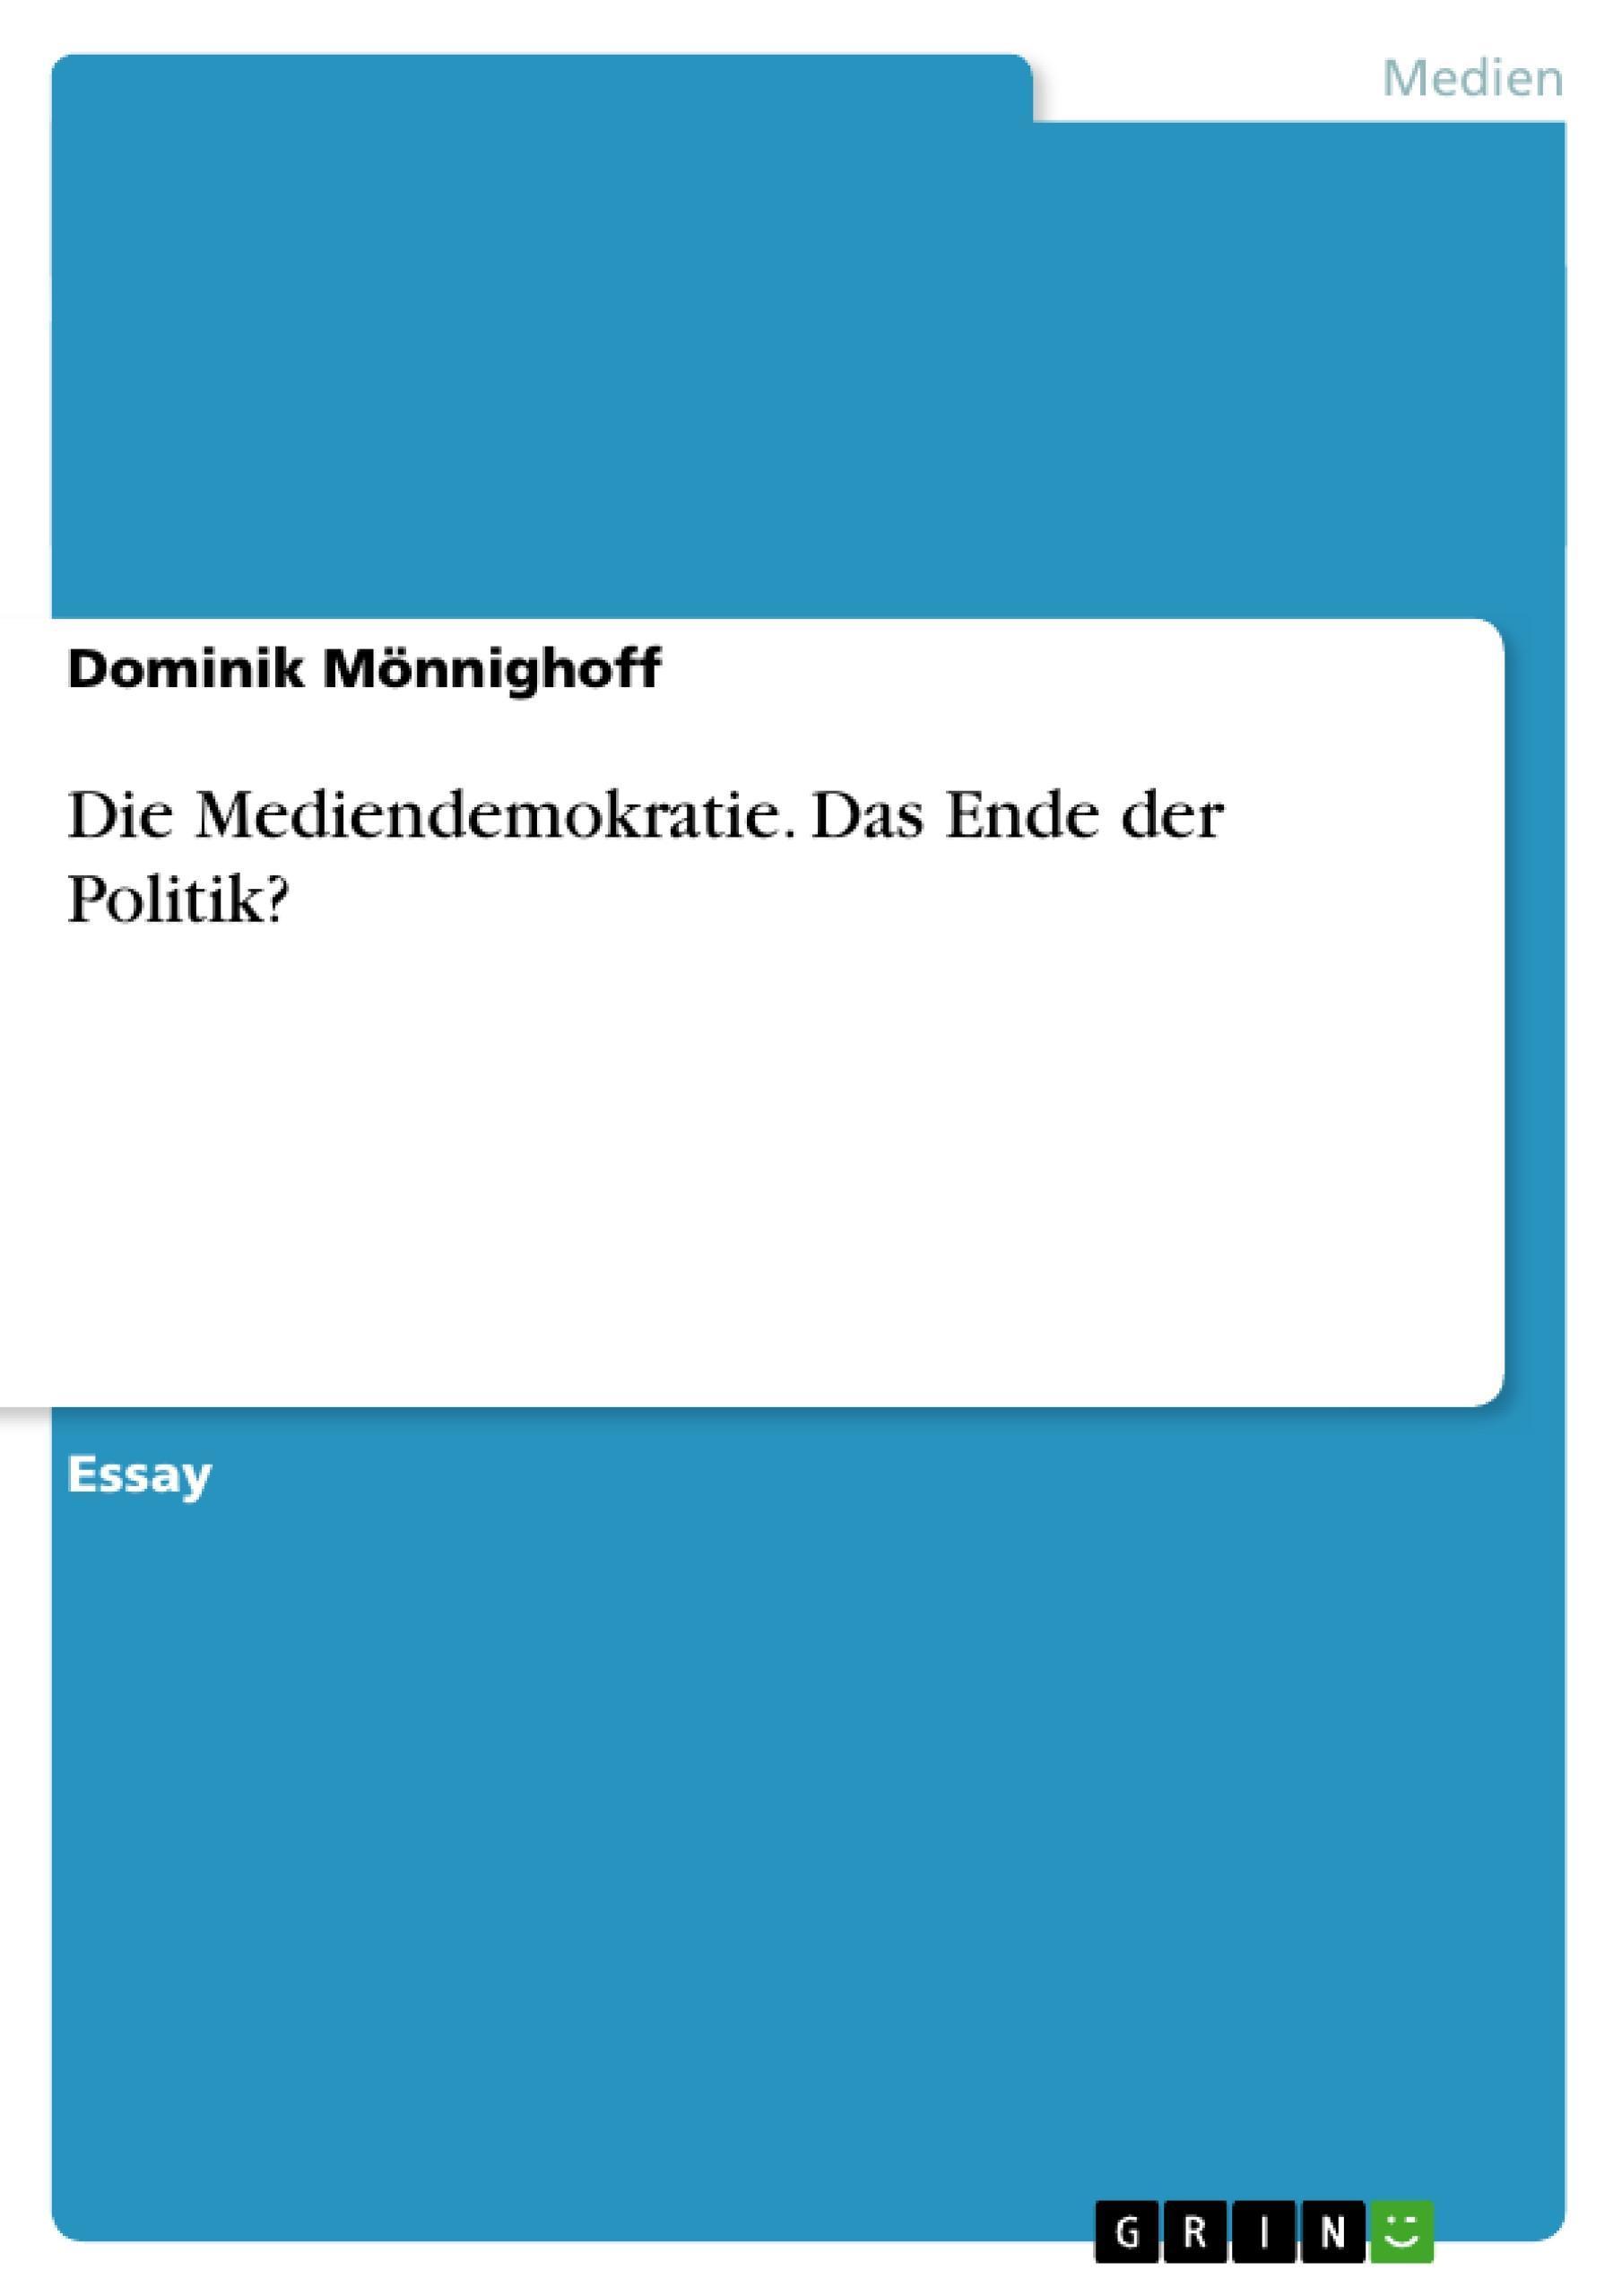 Die Mediendemokratie. Das Ende der Politik? ~ Dominik Mönnig ... 9783656742562